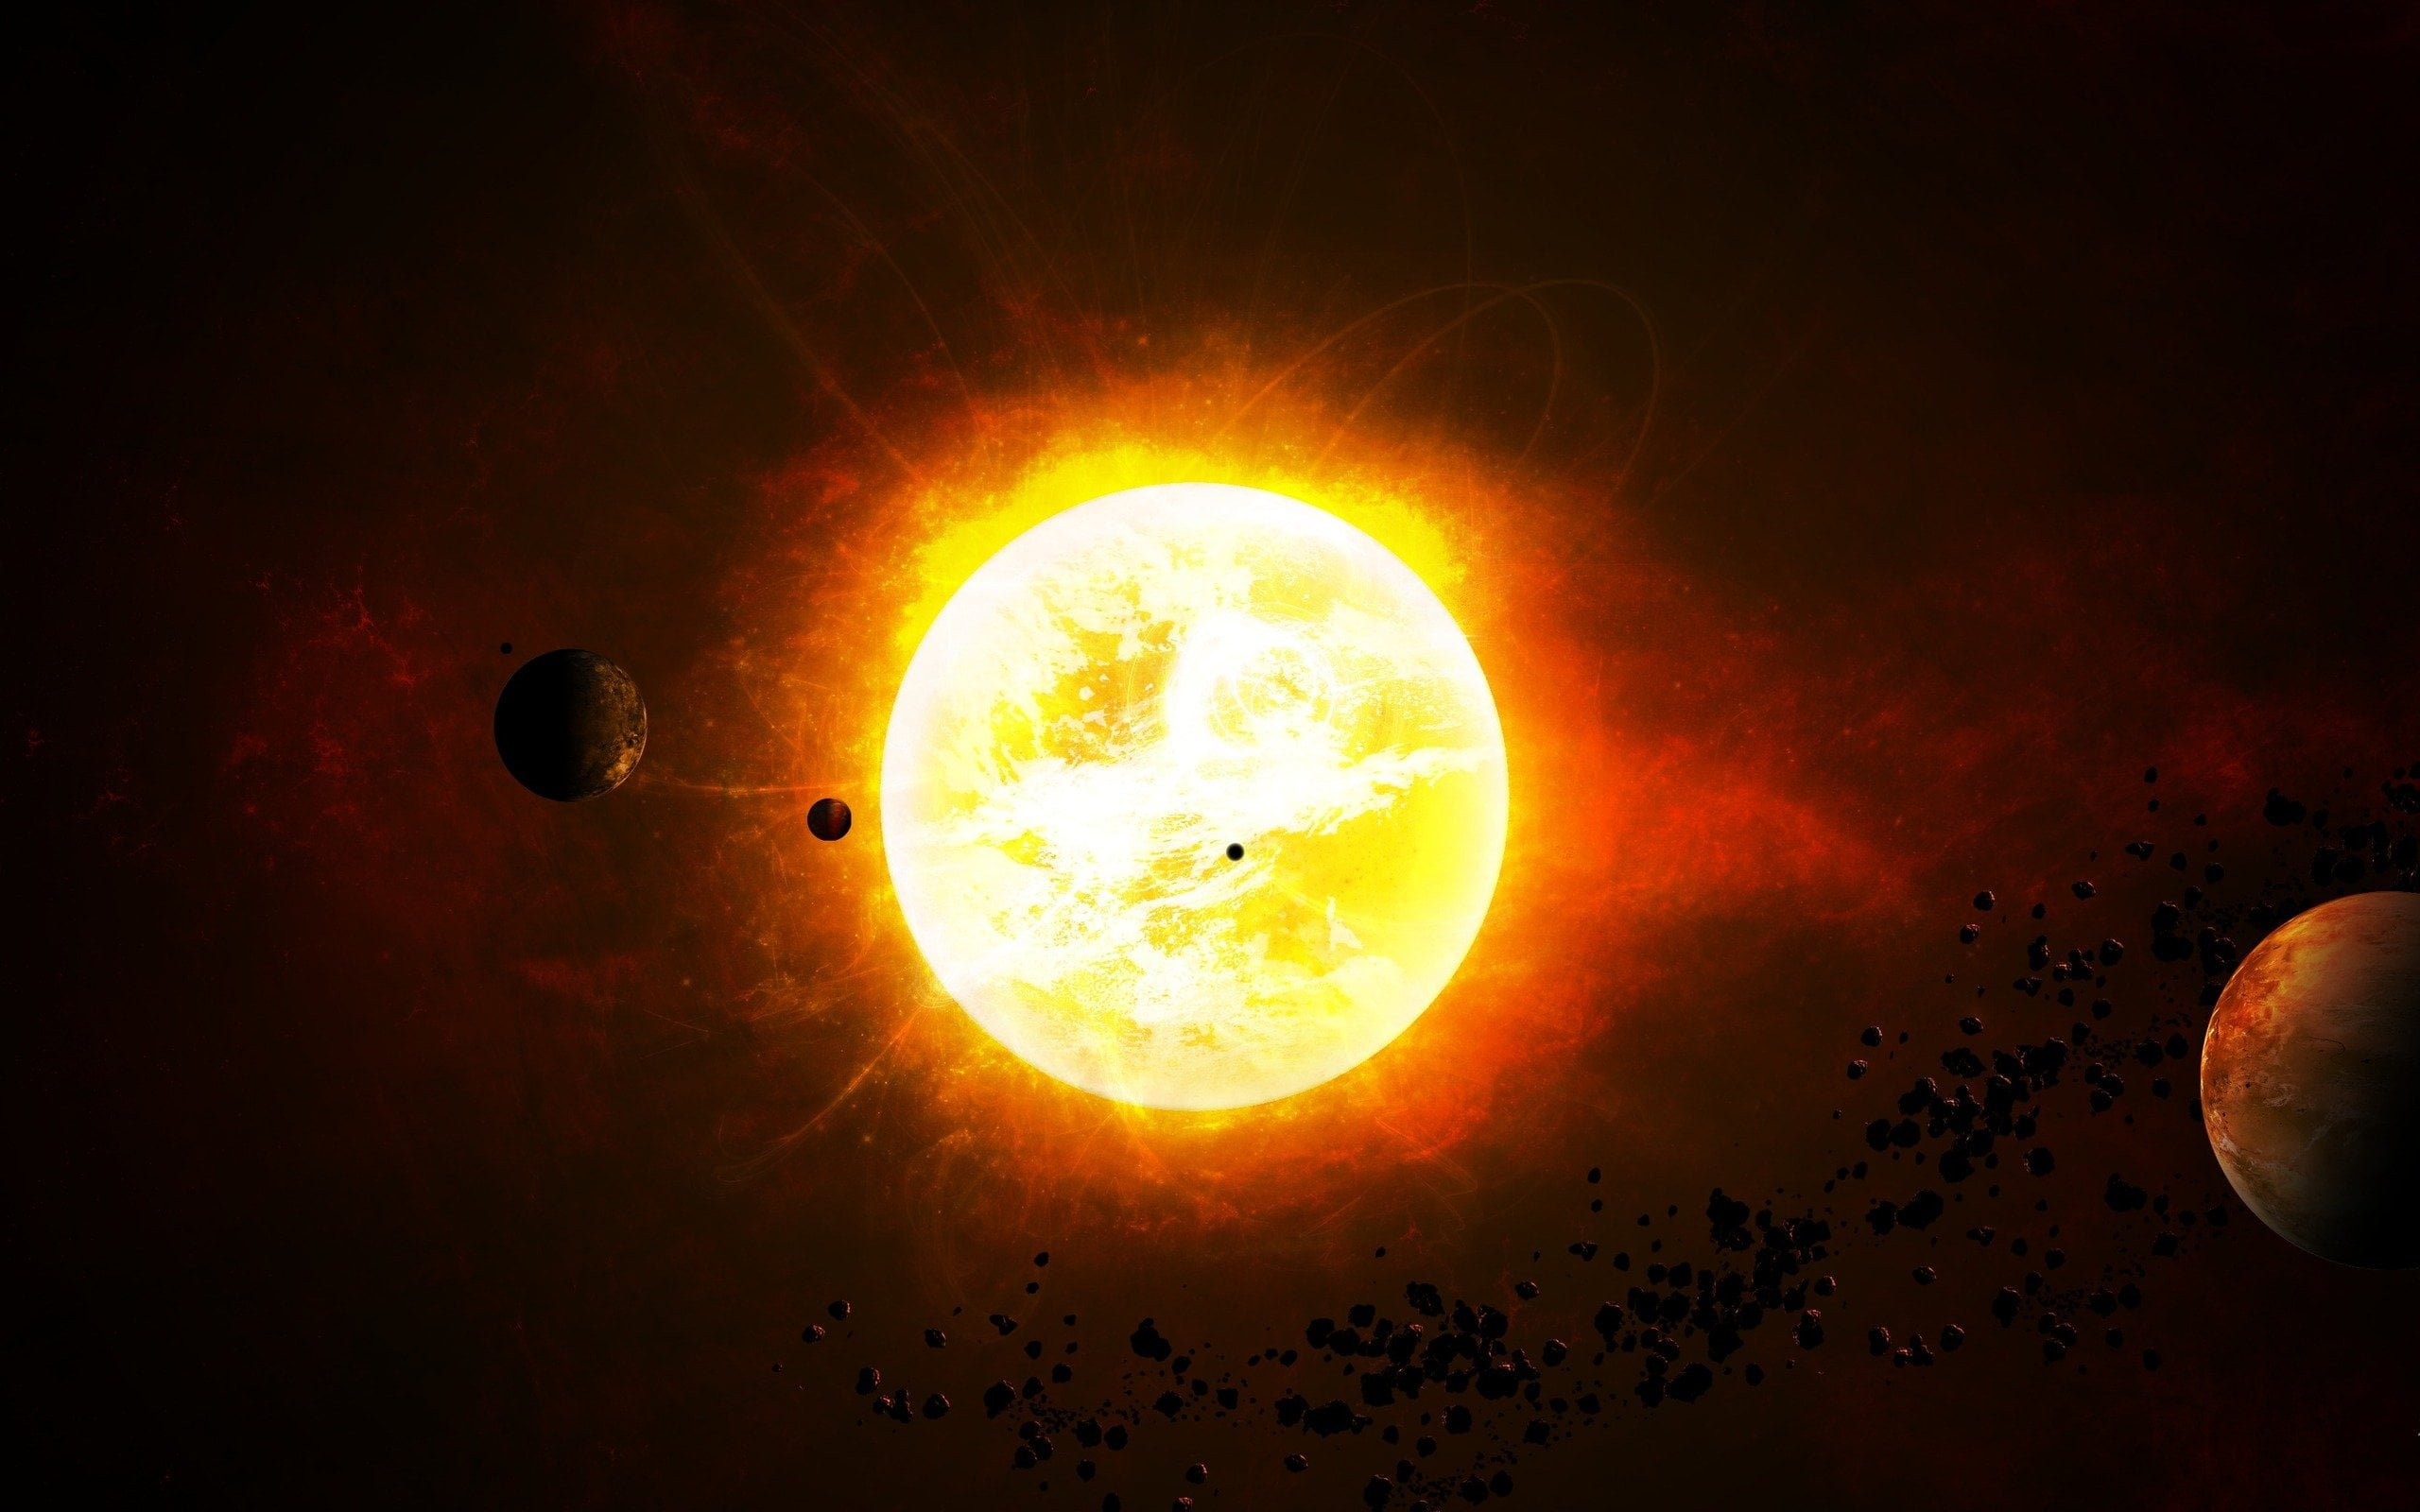 """""""INCEPUTUL SFARSITULUI"""" va fi declansat de Soare, prajind toate planetele din calea sa! FOTO"""